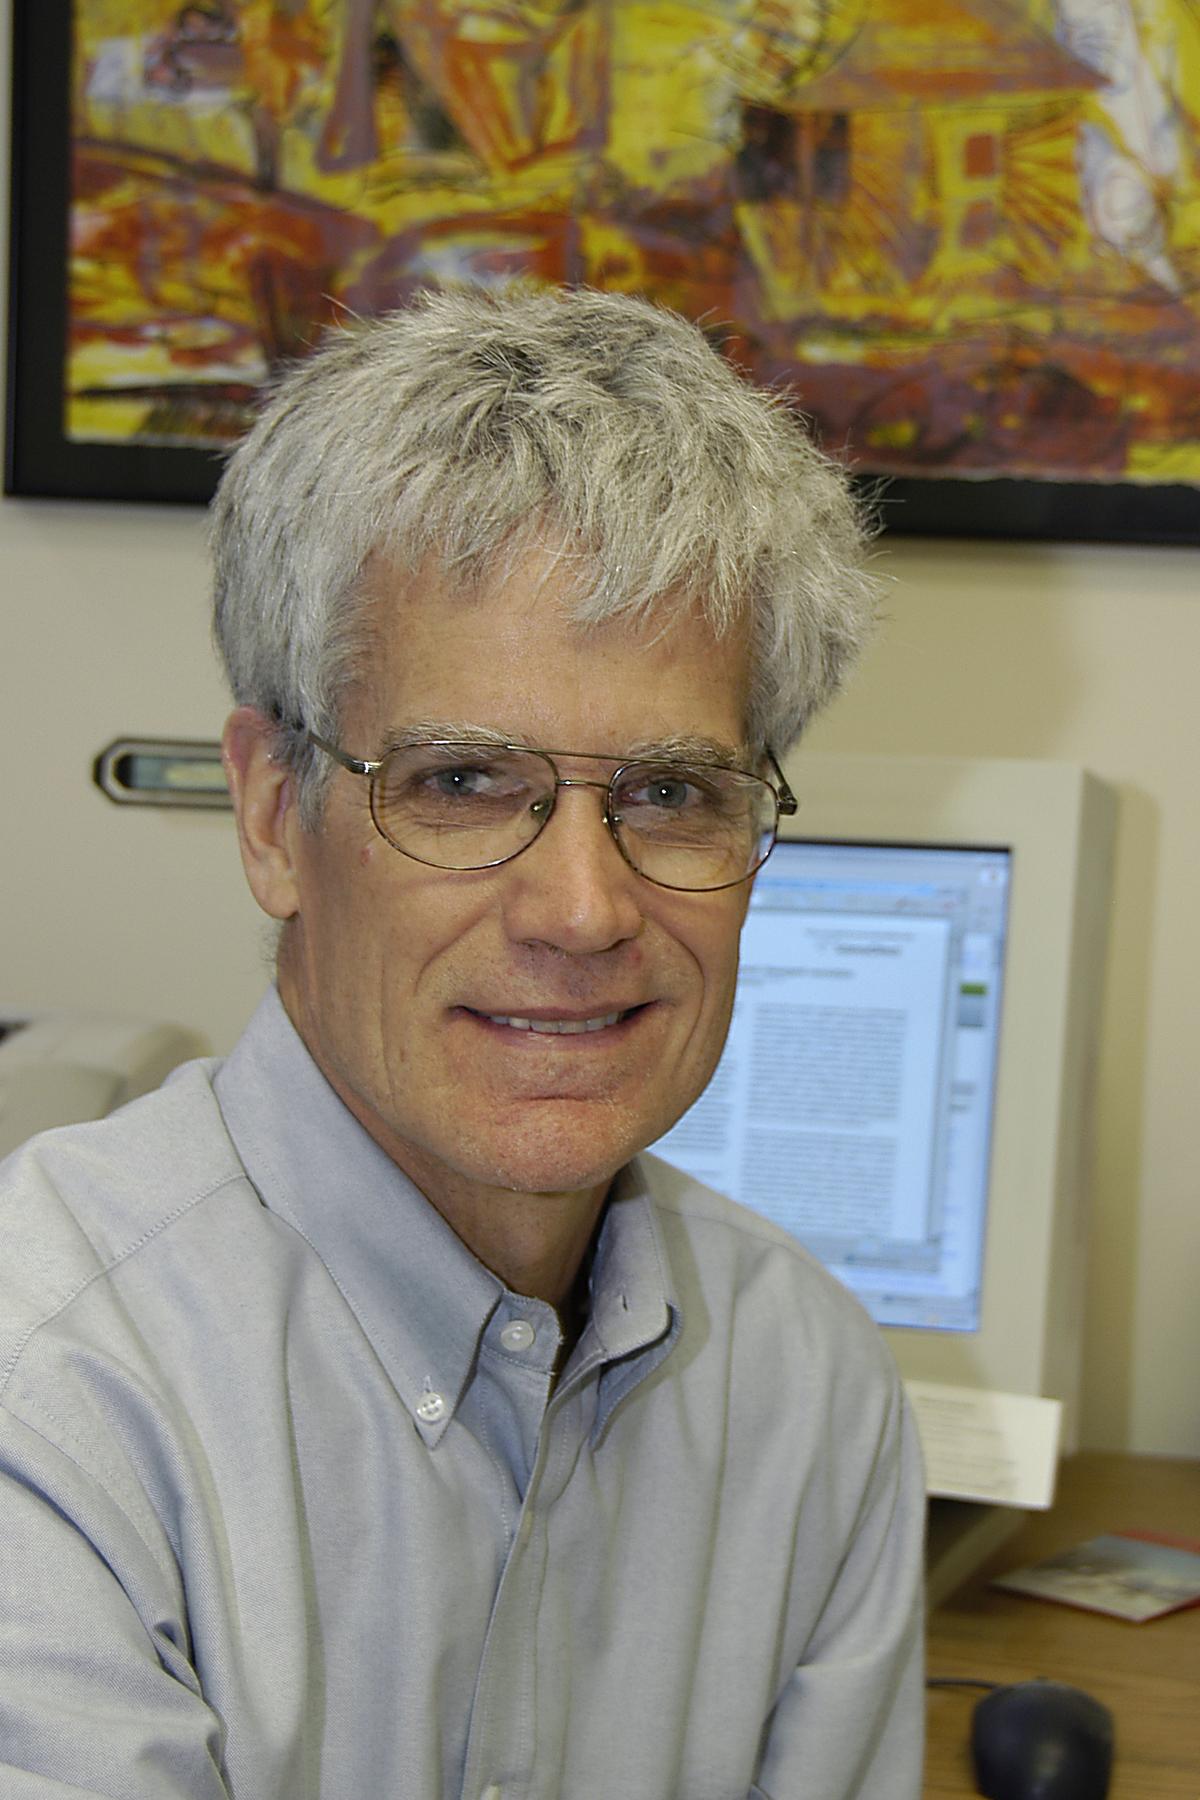 Dr. William Folk